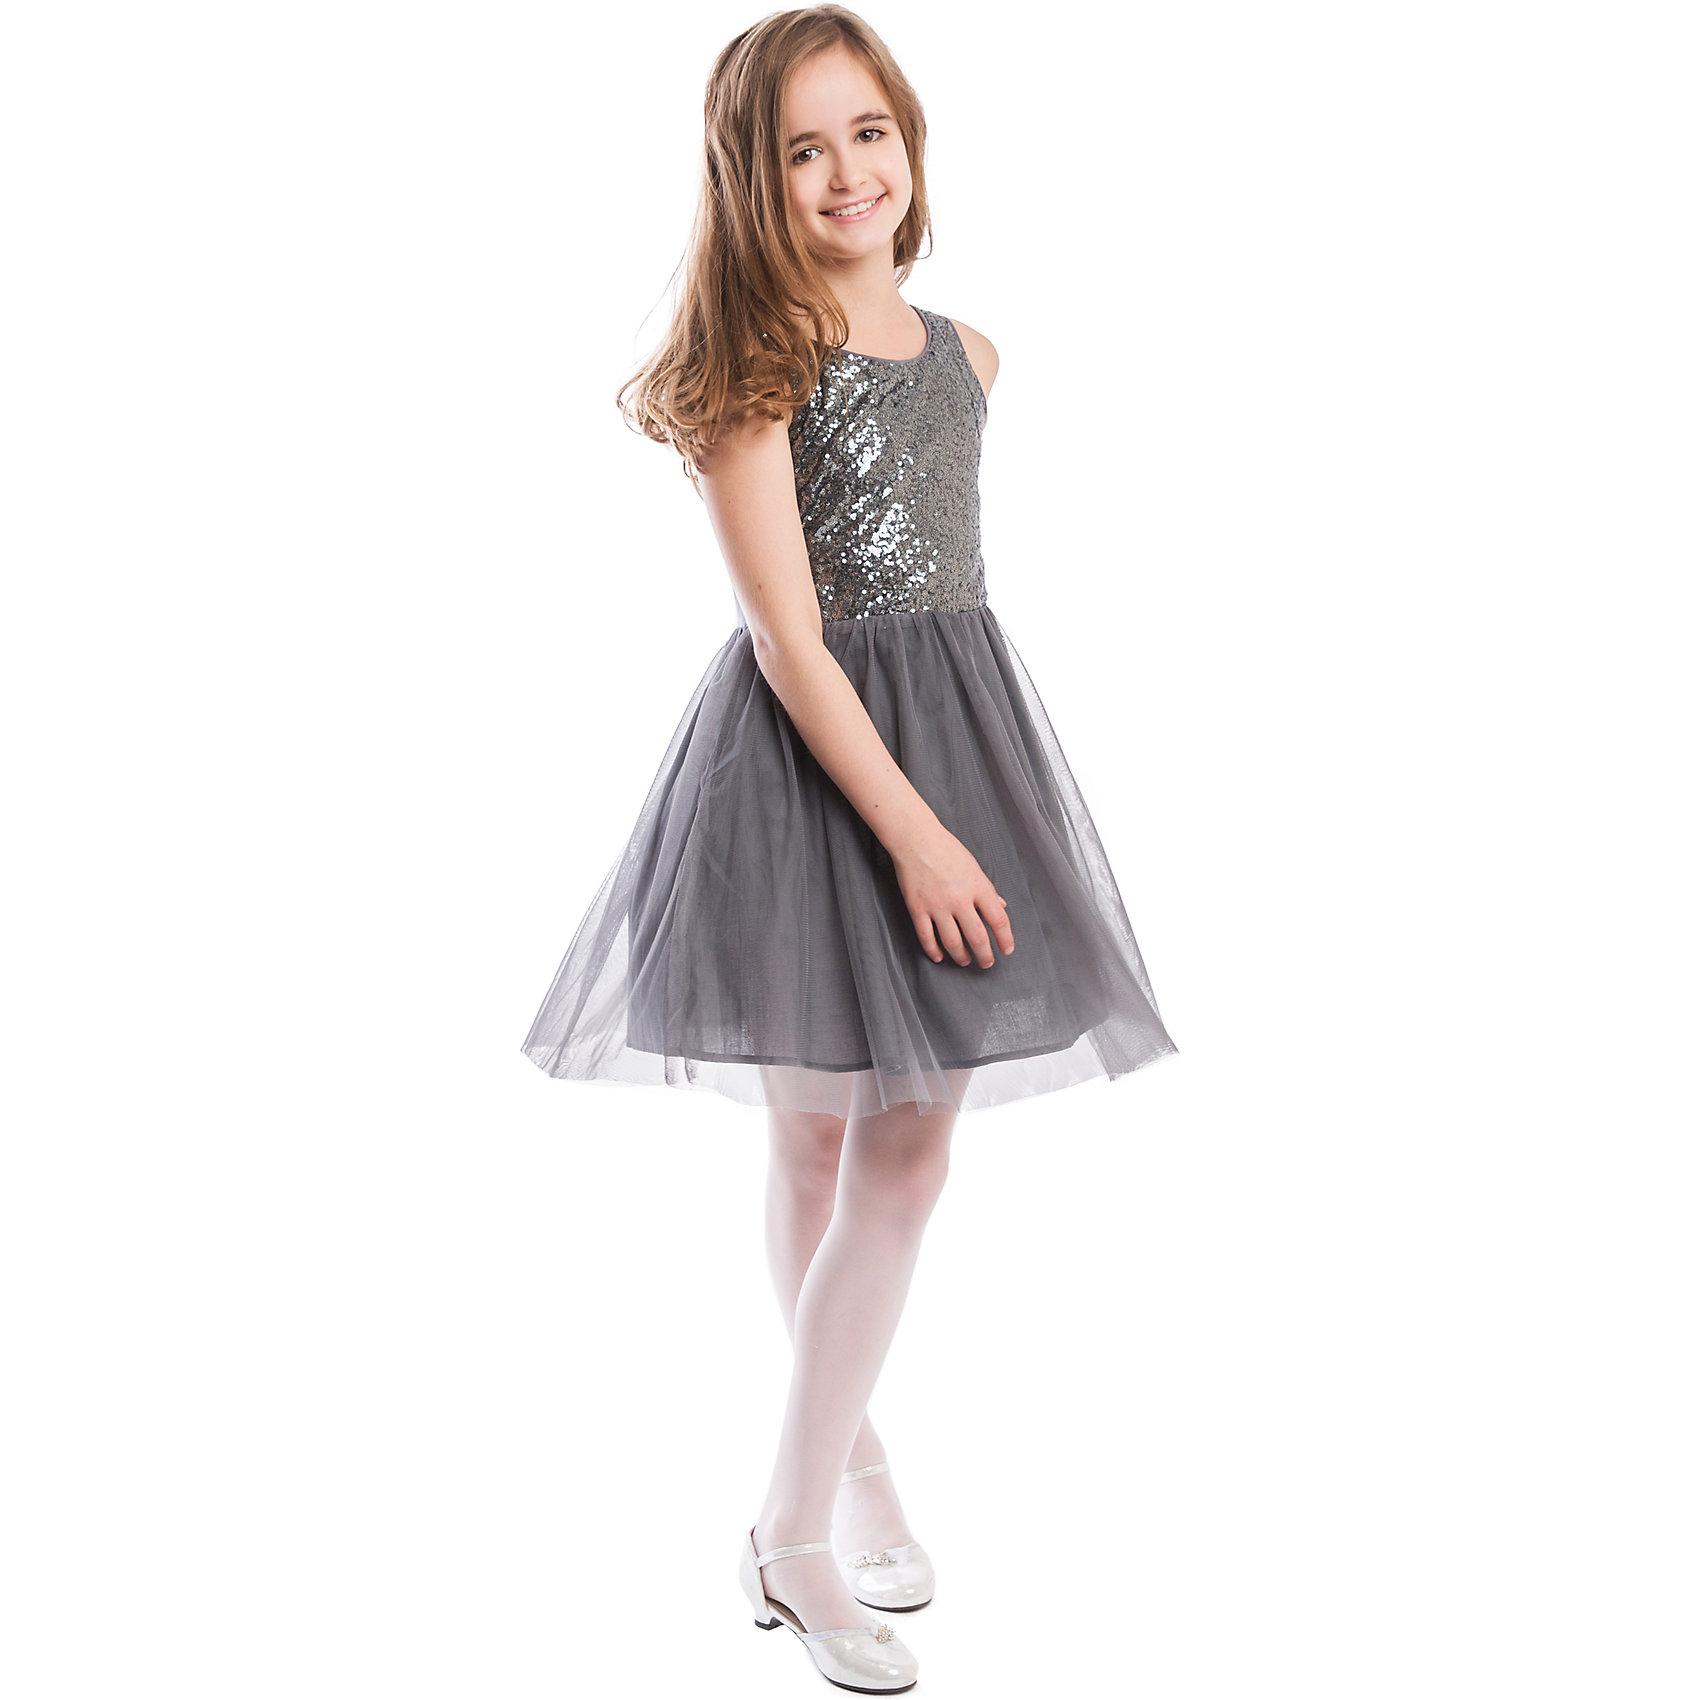 Нарядное платье ScoolОдежда<br>Нарядное платье Scool <br><br>Состав: <br>Верх: 66% вискоза, 29% полиэстер, 5% эластан, <br>Юбка: 100% полиэстер, <br>Подкладка: 100% хлопок <br><br>Серебристое платье с пайетками в стиле 70-х. <br>Стиль диско появился во времена открытия космоса, платья стали сверкать и переливаться, как звезды. <br>Платье без рукавов, ребенку не будет жарко, даже если ходить в нем целый день. <br>Внутри мягкая хлопковая подкладка.<br><br>Ширина мм: 236<br>Глубина мм: 16<br>Высота мм: 184<br>Вес г: 177<br>Цвет: серый<br>Возраст от месяцев: 156<br>Возраст до месяцев: 168<br>Пол: Женский<br>Возраст: Детский<br>Размер: 146,140,134,158,152,164<br>SKU: 4305481